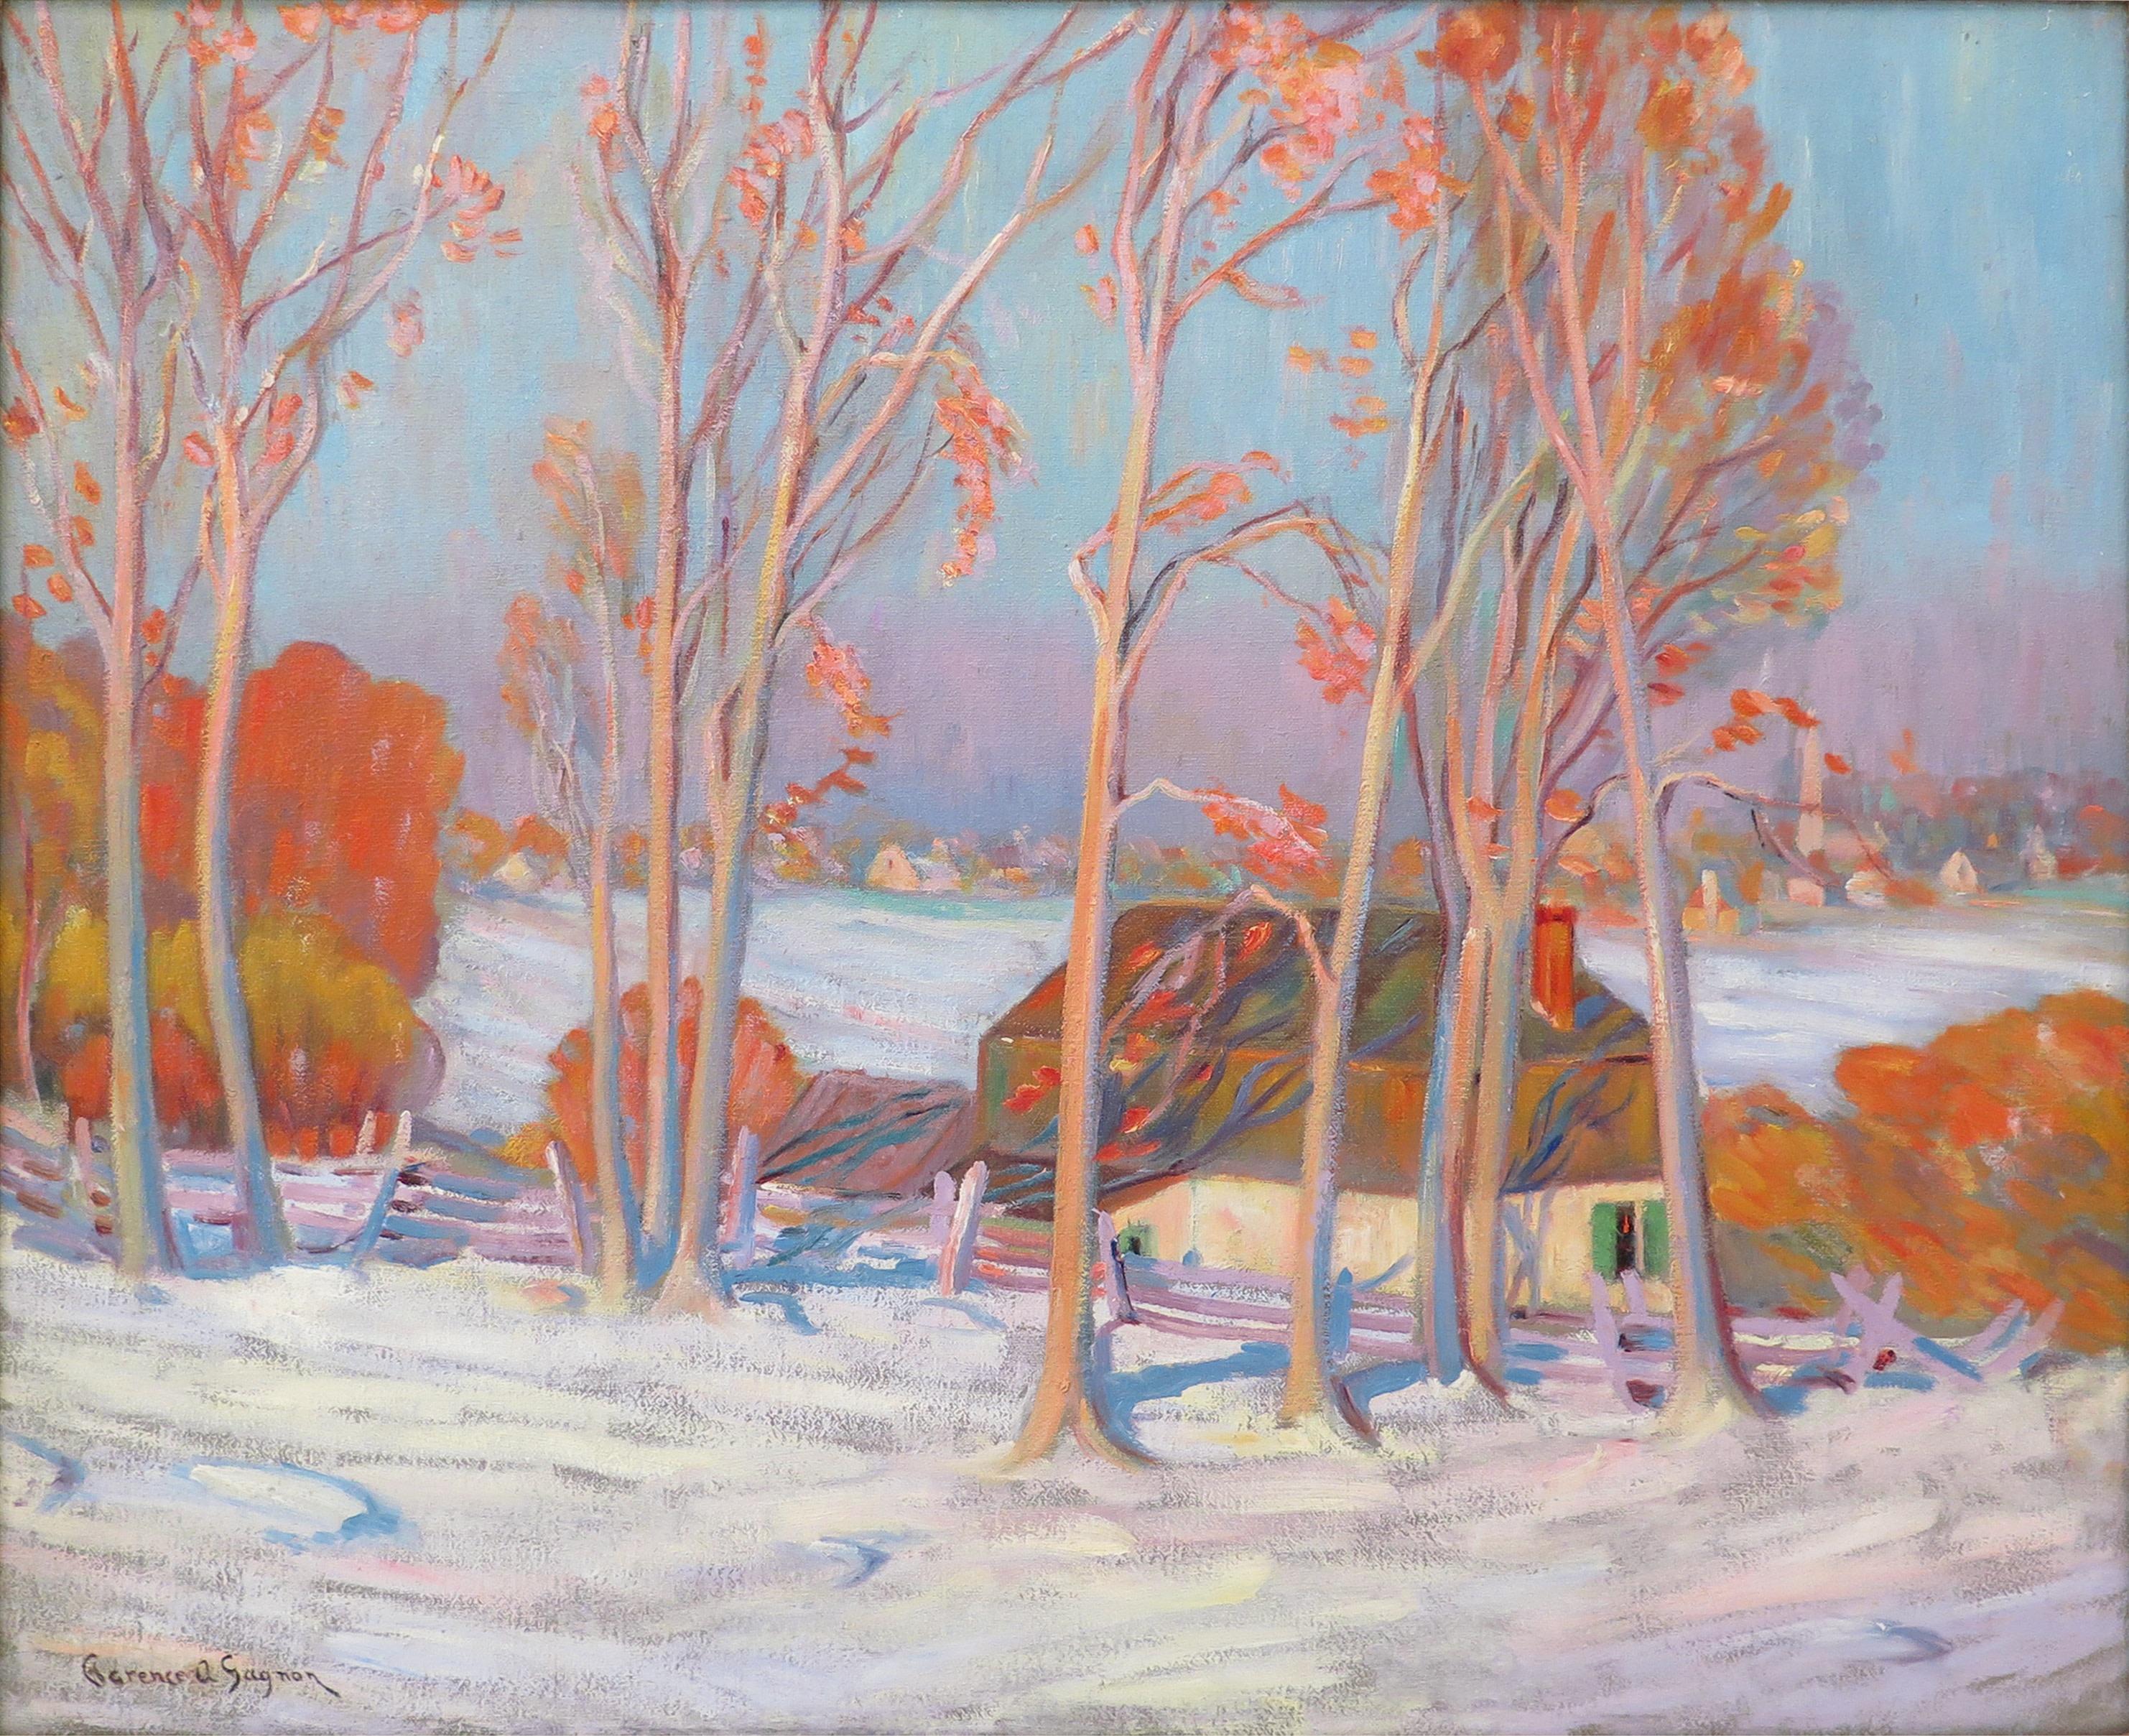 Première neige, Baie-Saint-Paul, Clarence Gagnon, huile sur toile